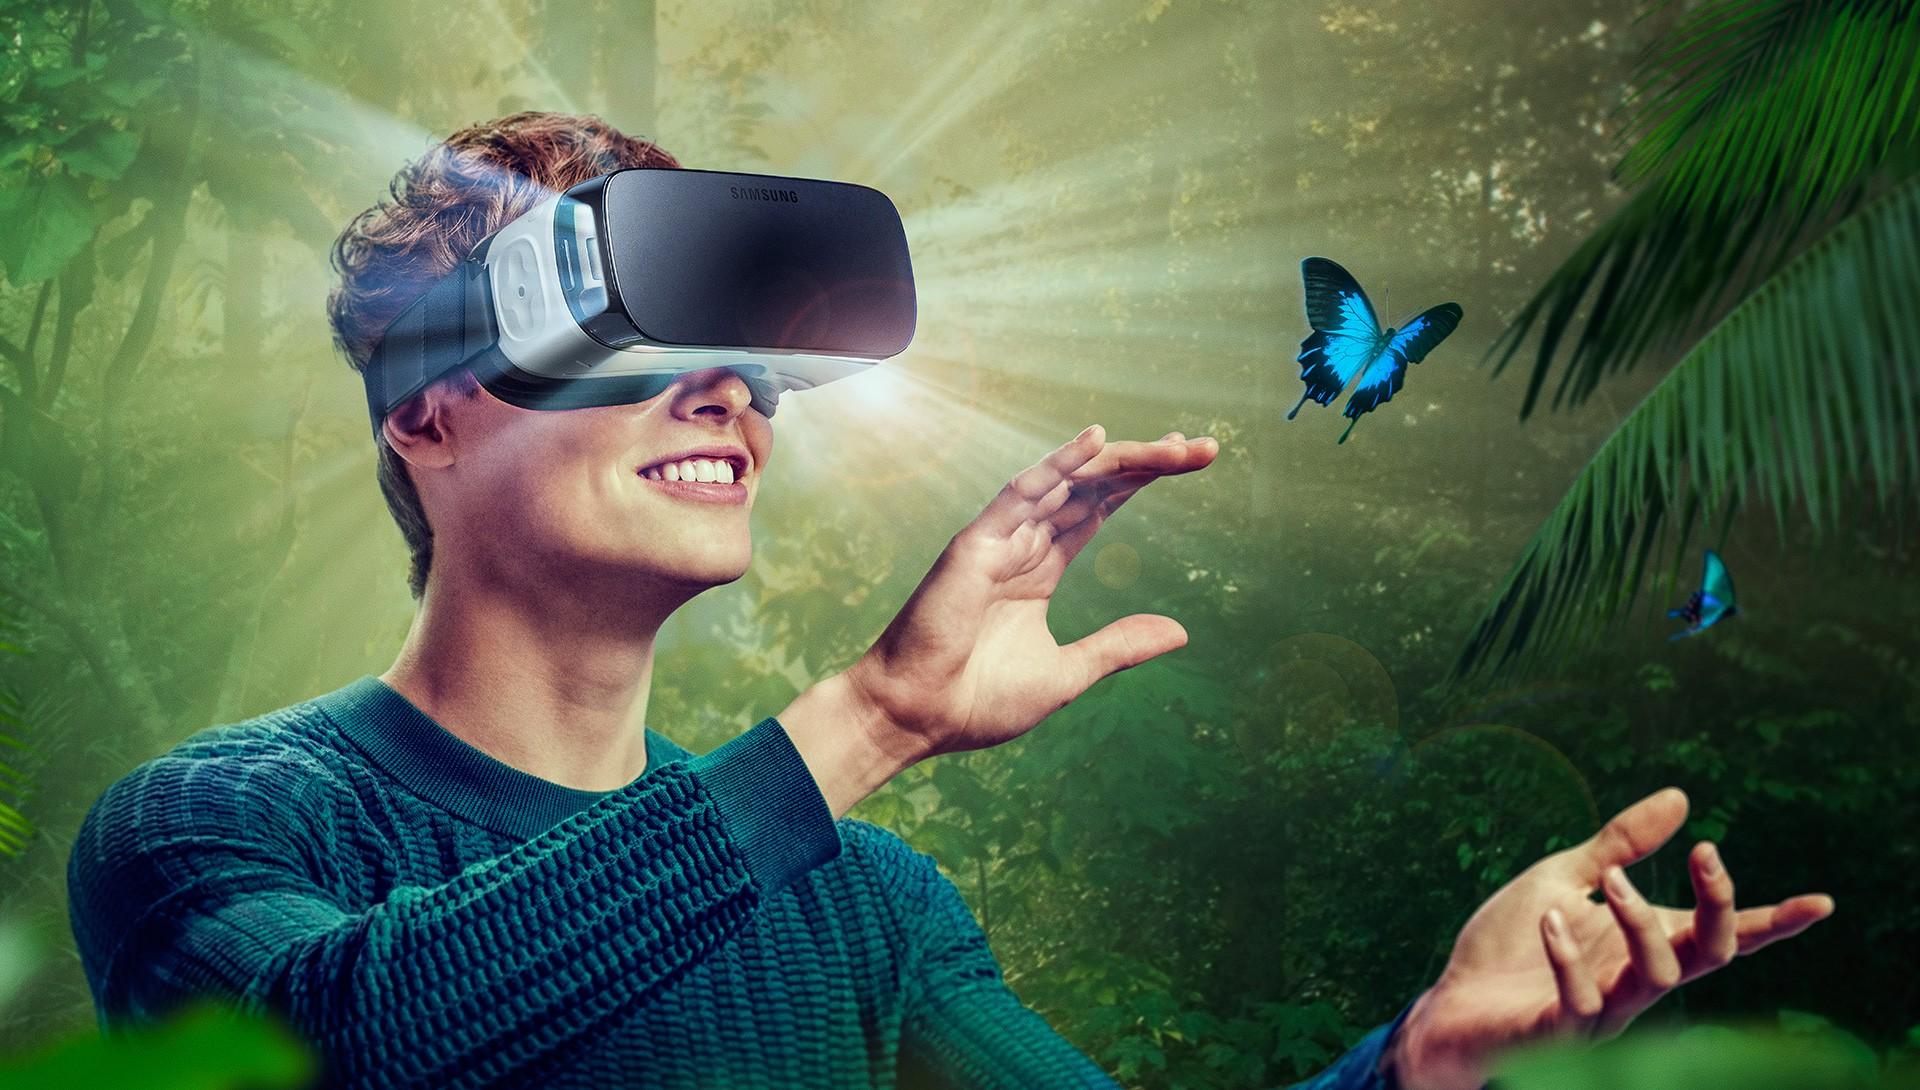 Ученые: Очки виртуальной реальности отвлекают изамедляют реакцию